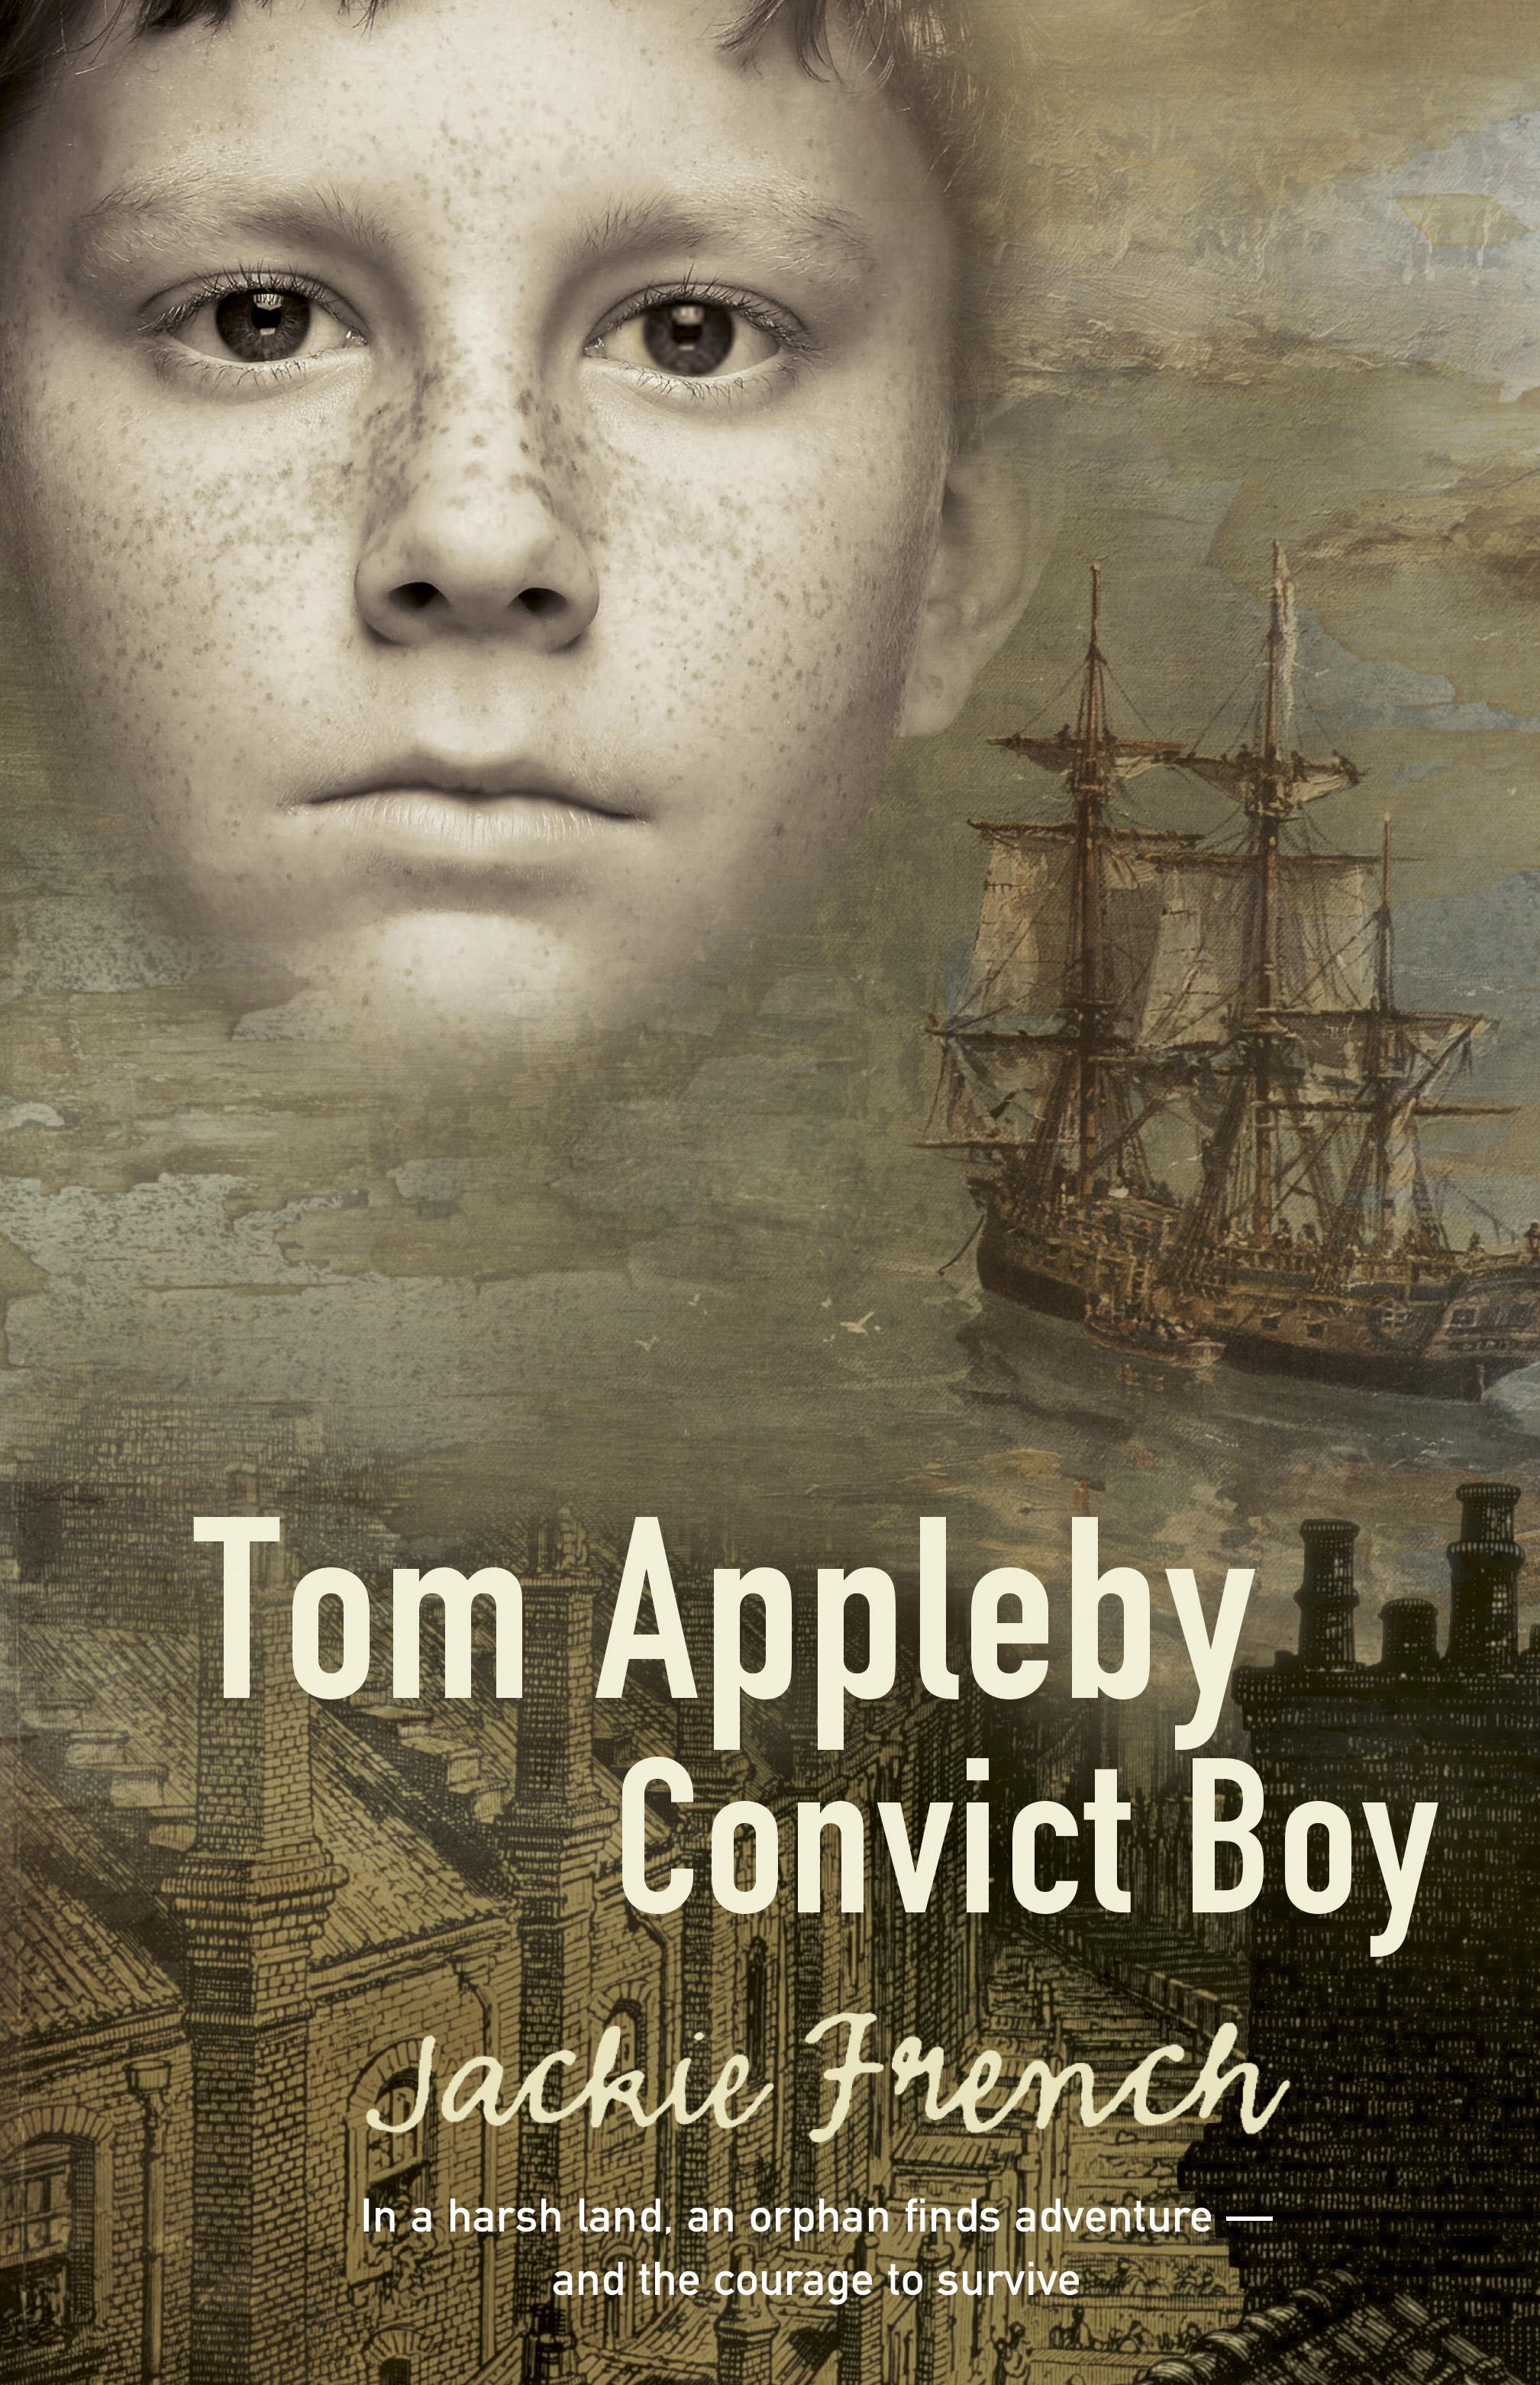 9780207199424 - Tom Appleby.jpg